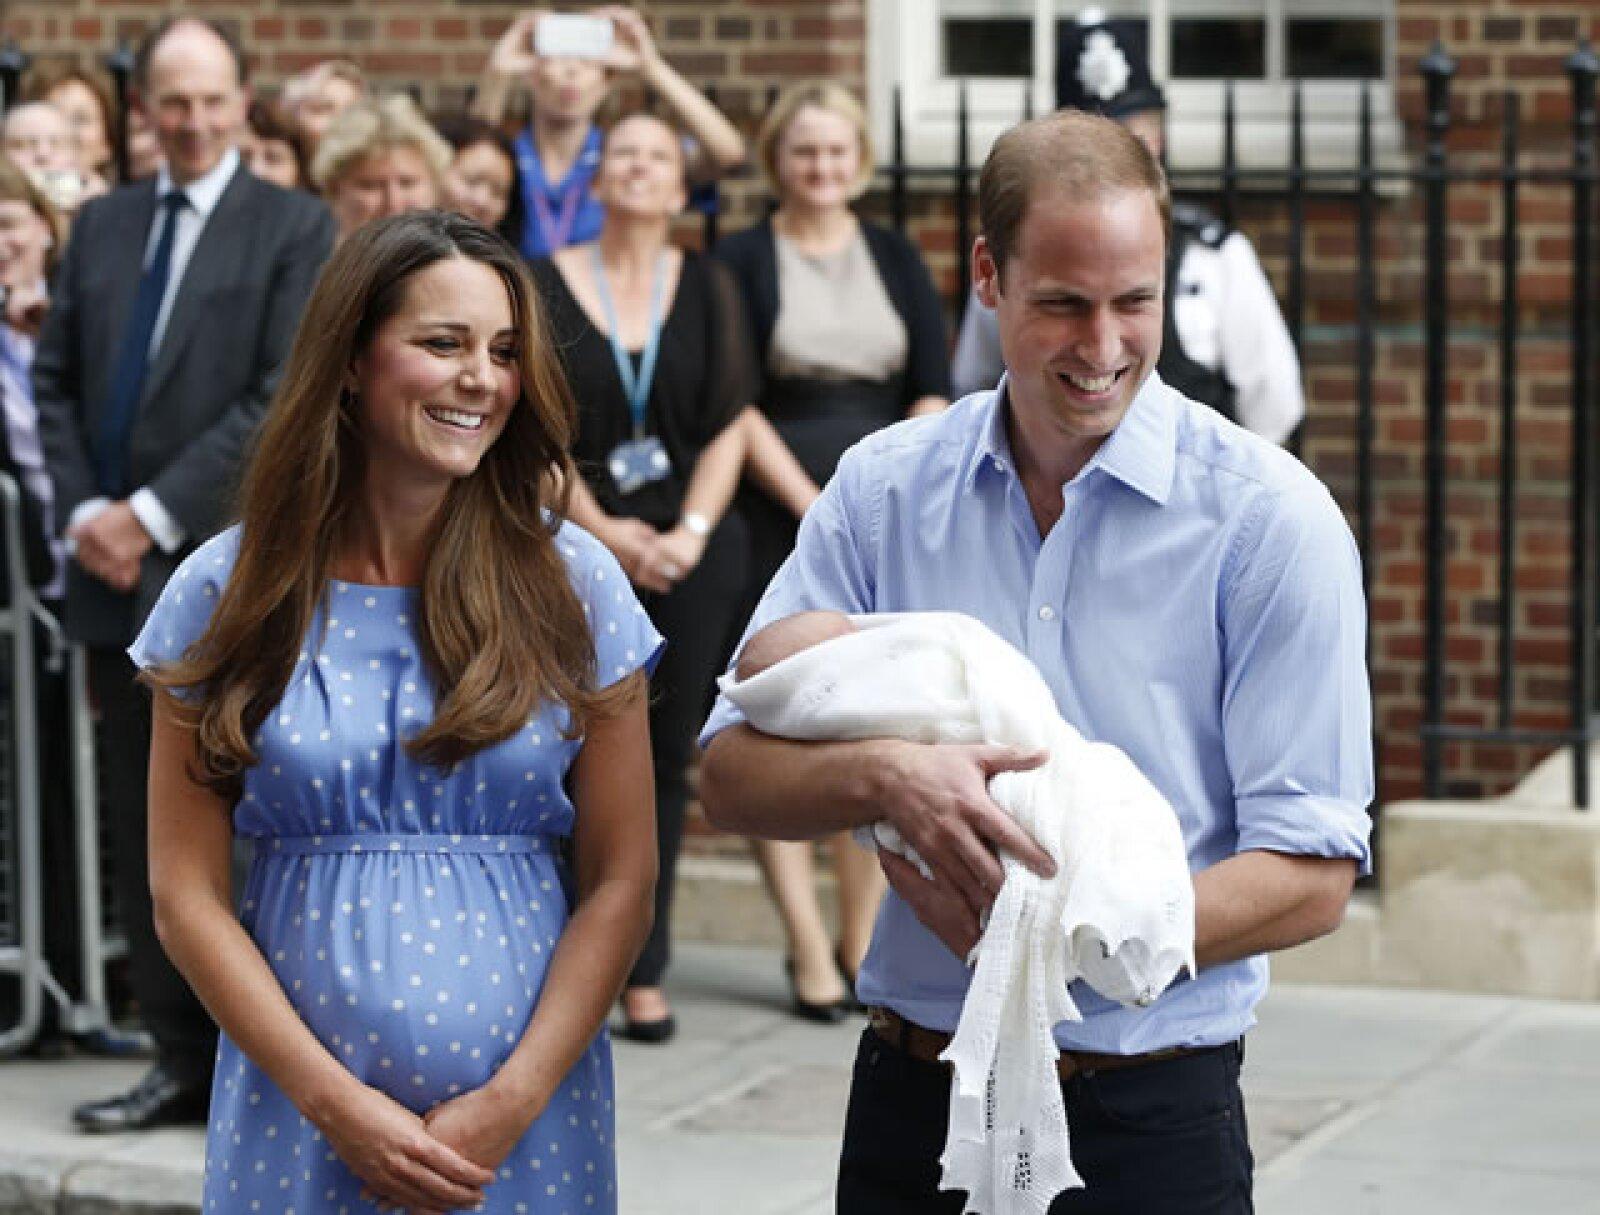 Todavía no se sabe cuál será el nombre del bebé, pero entre los favoritos se encuentran George, Philipp y James.